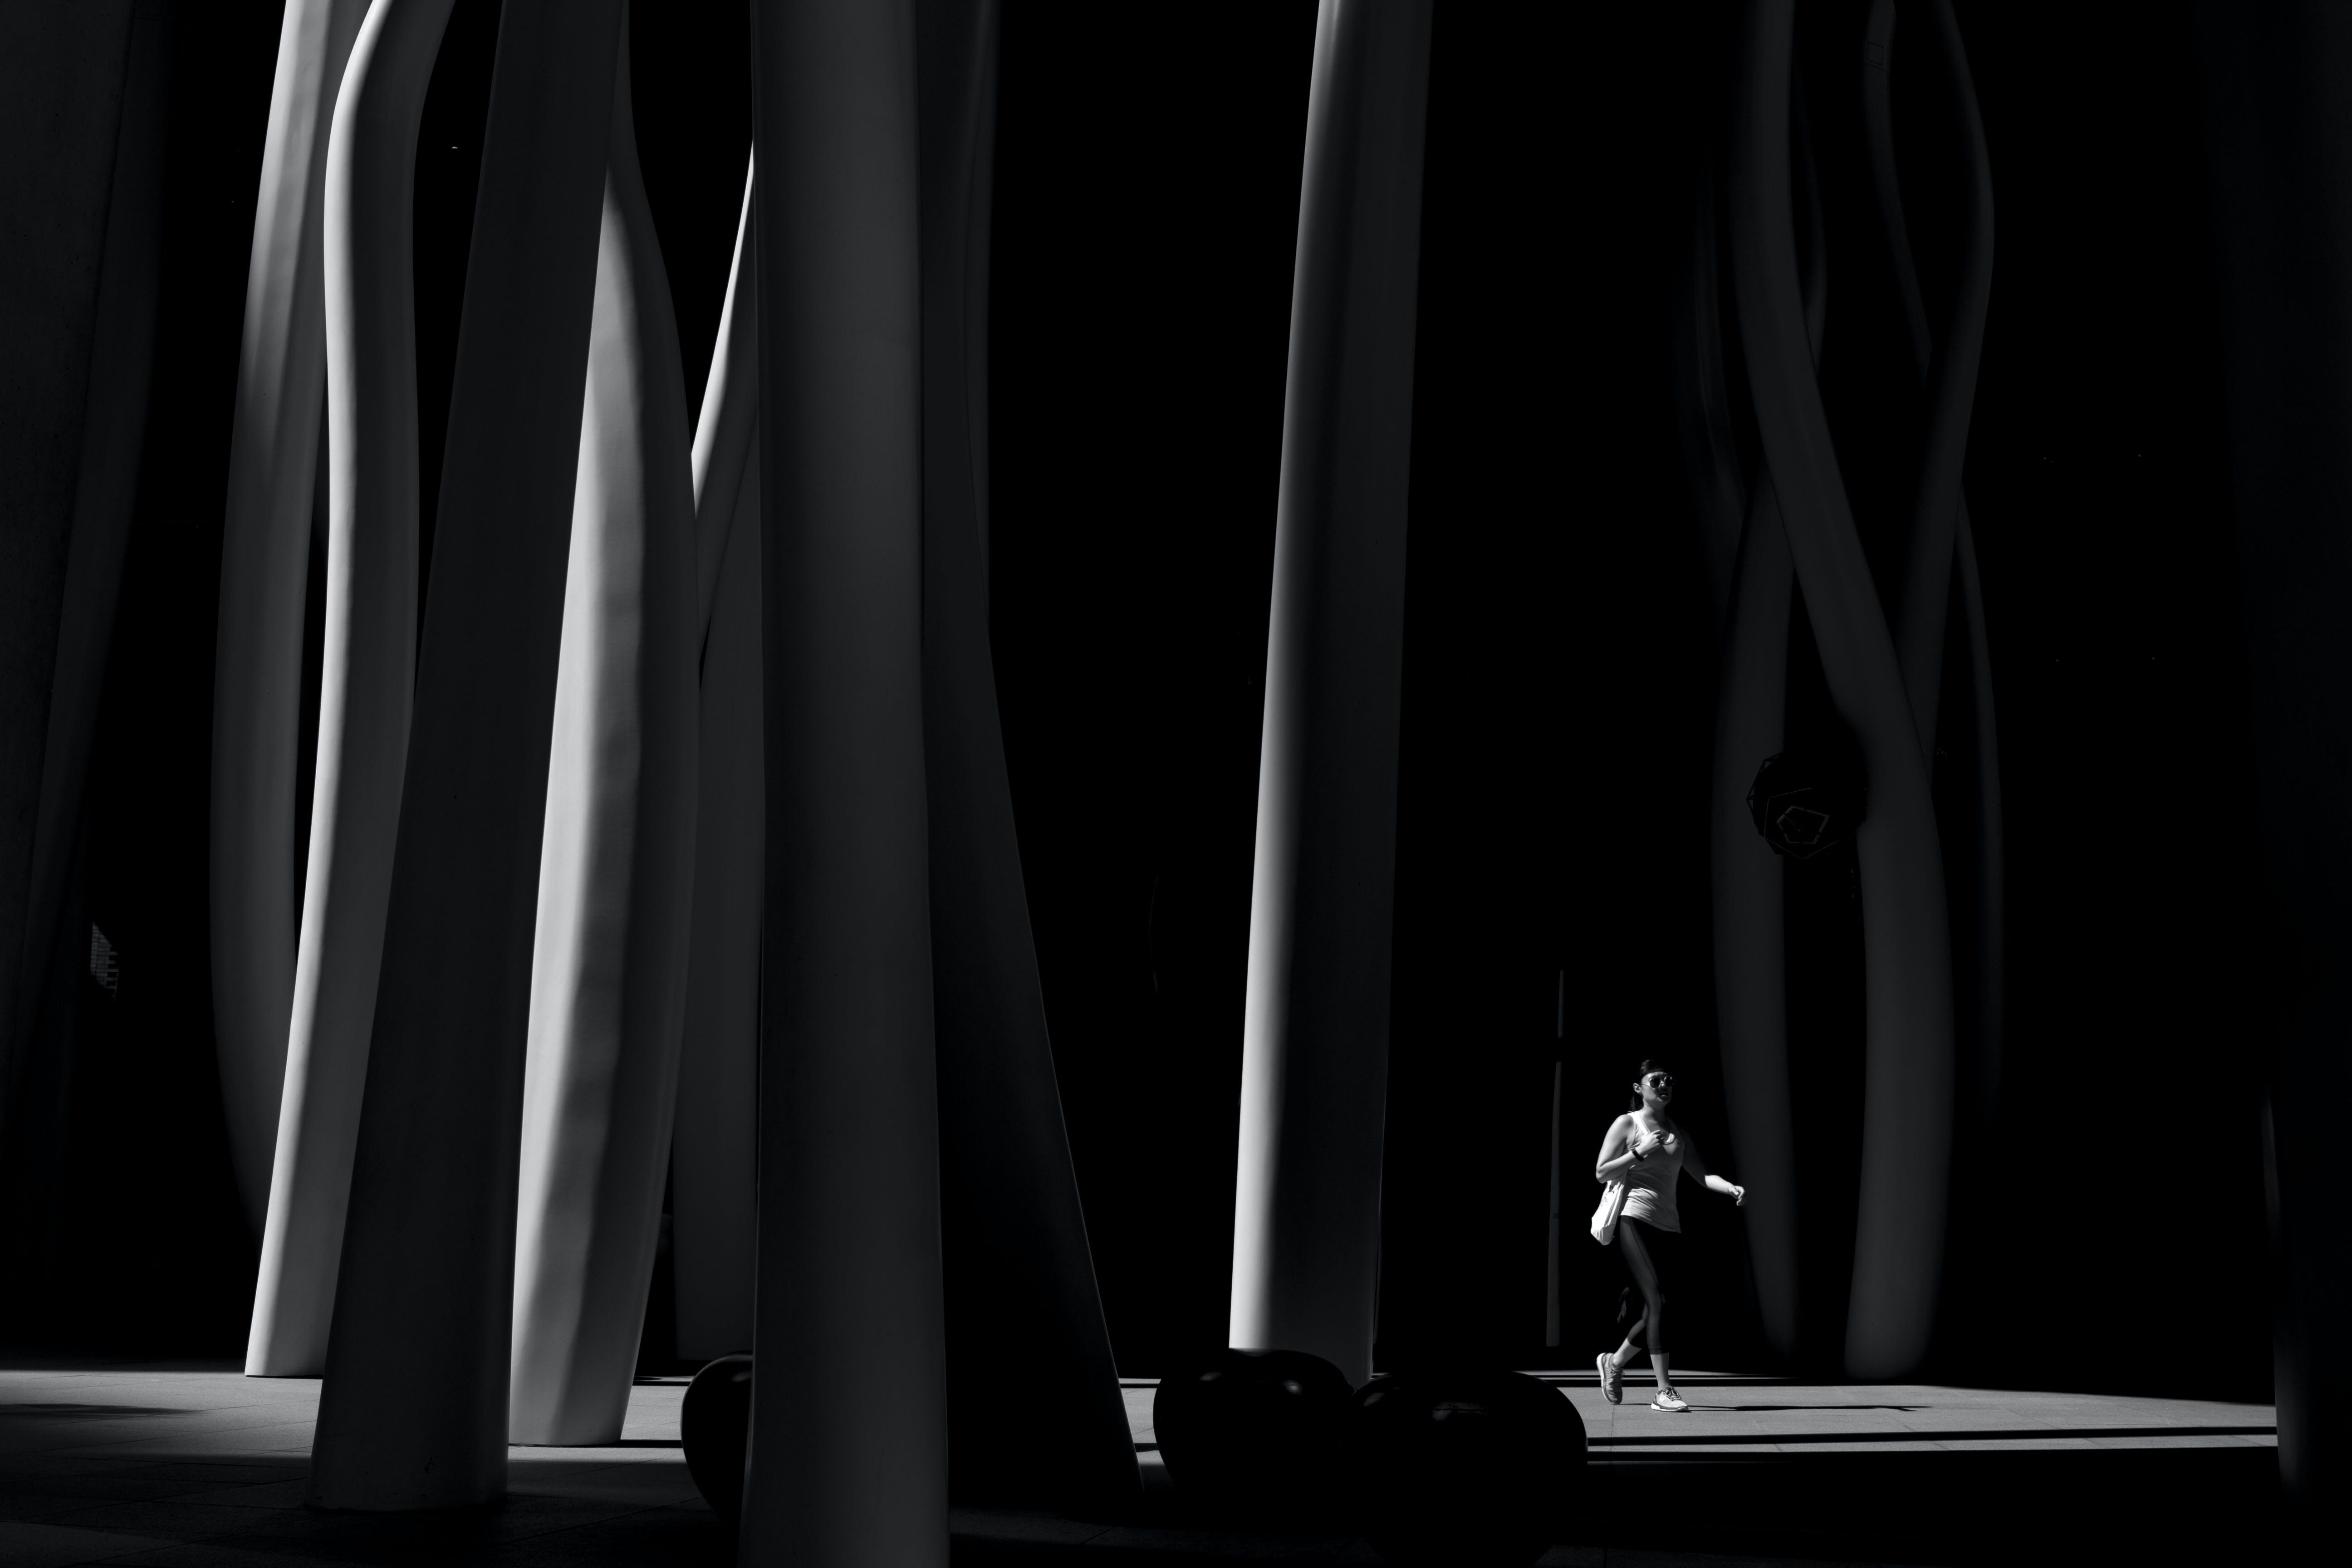 光, 光與影, 女人, 室內 的 免費圖庫相片